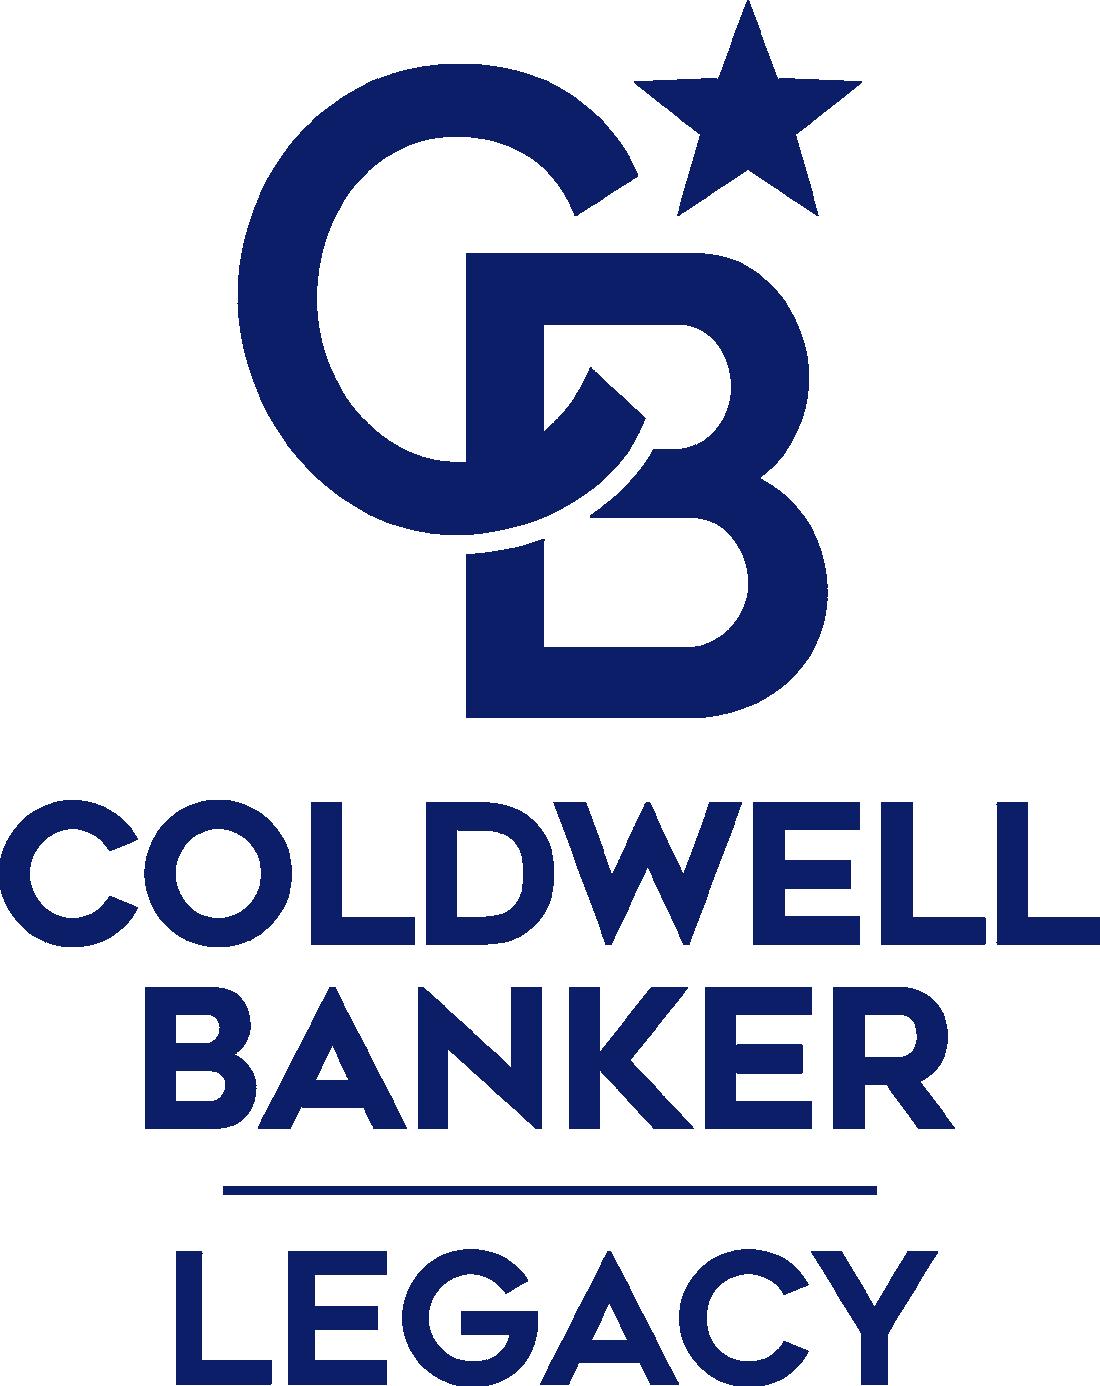 Bridget Barbee - Coldwell Banker Legacy Realtors Logo